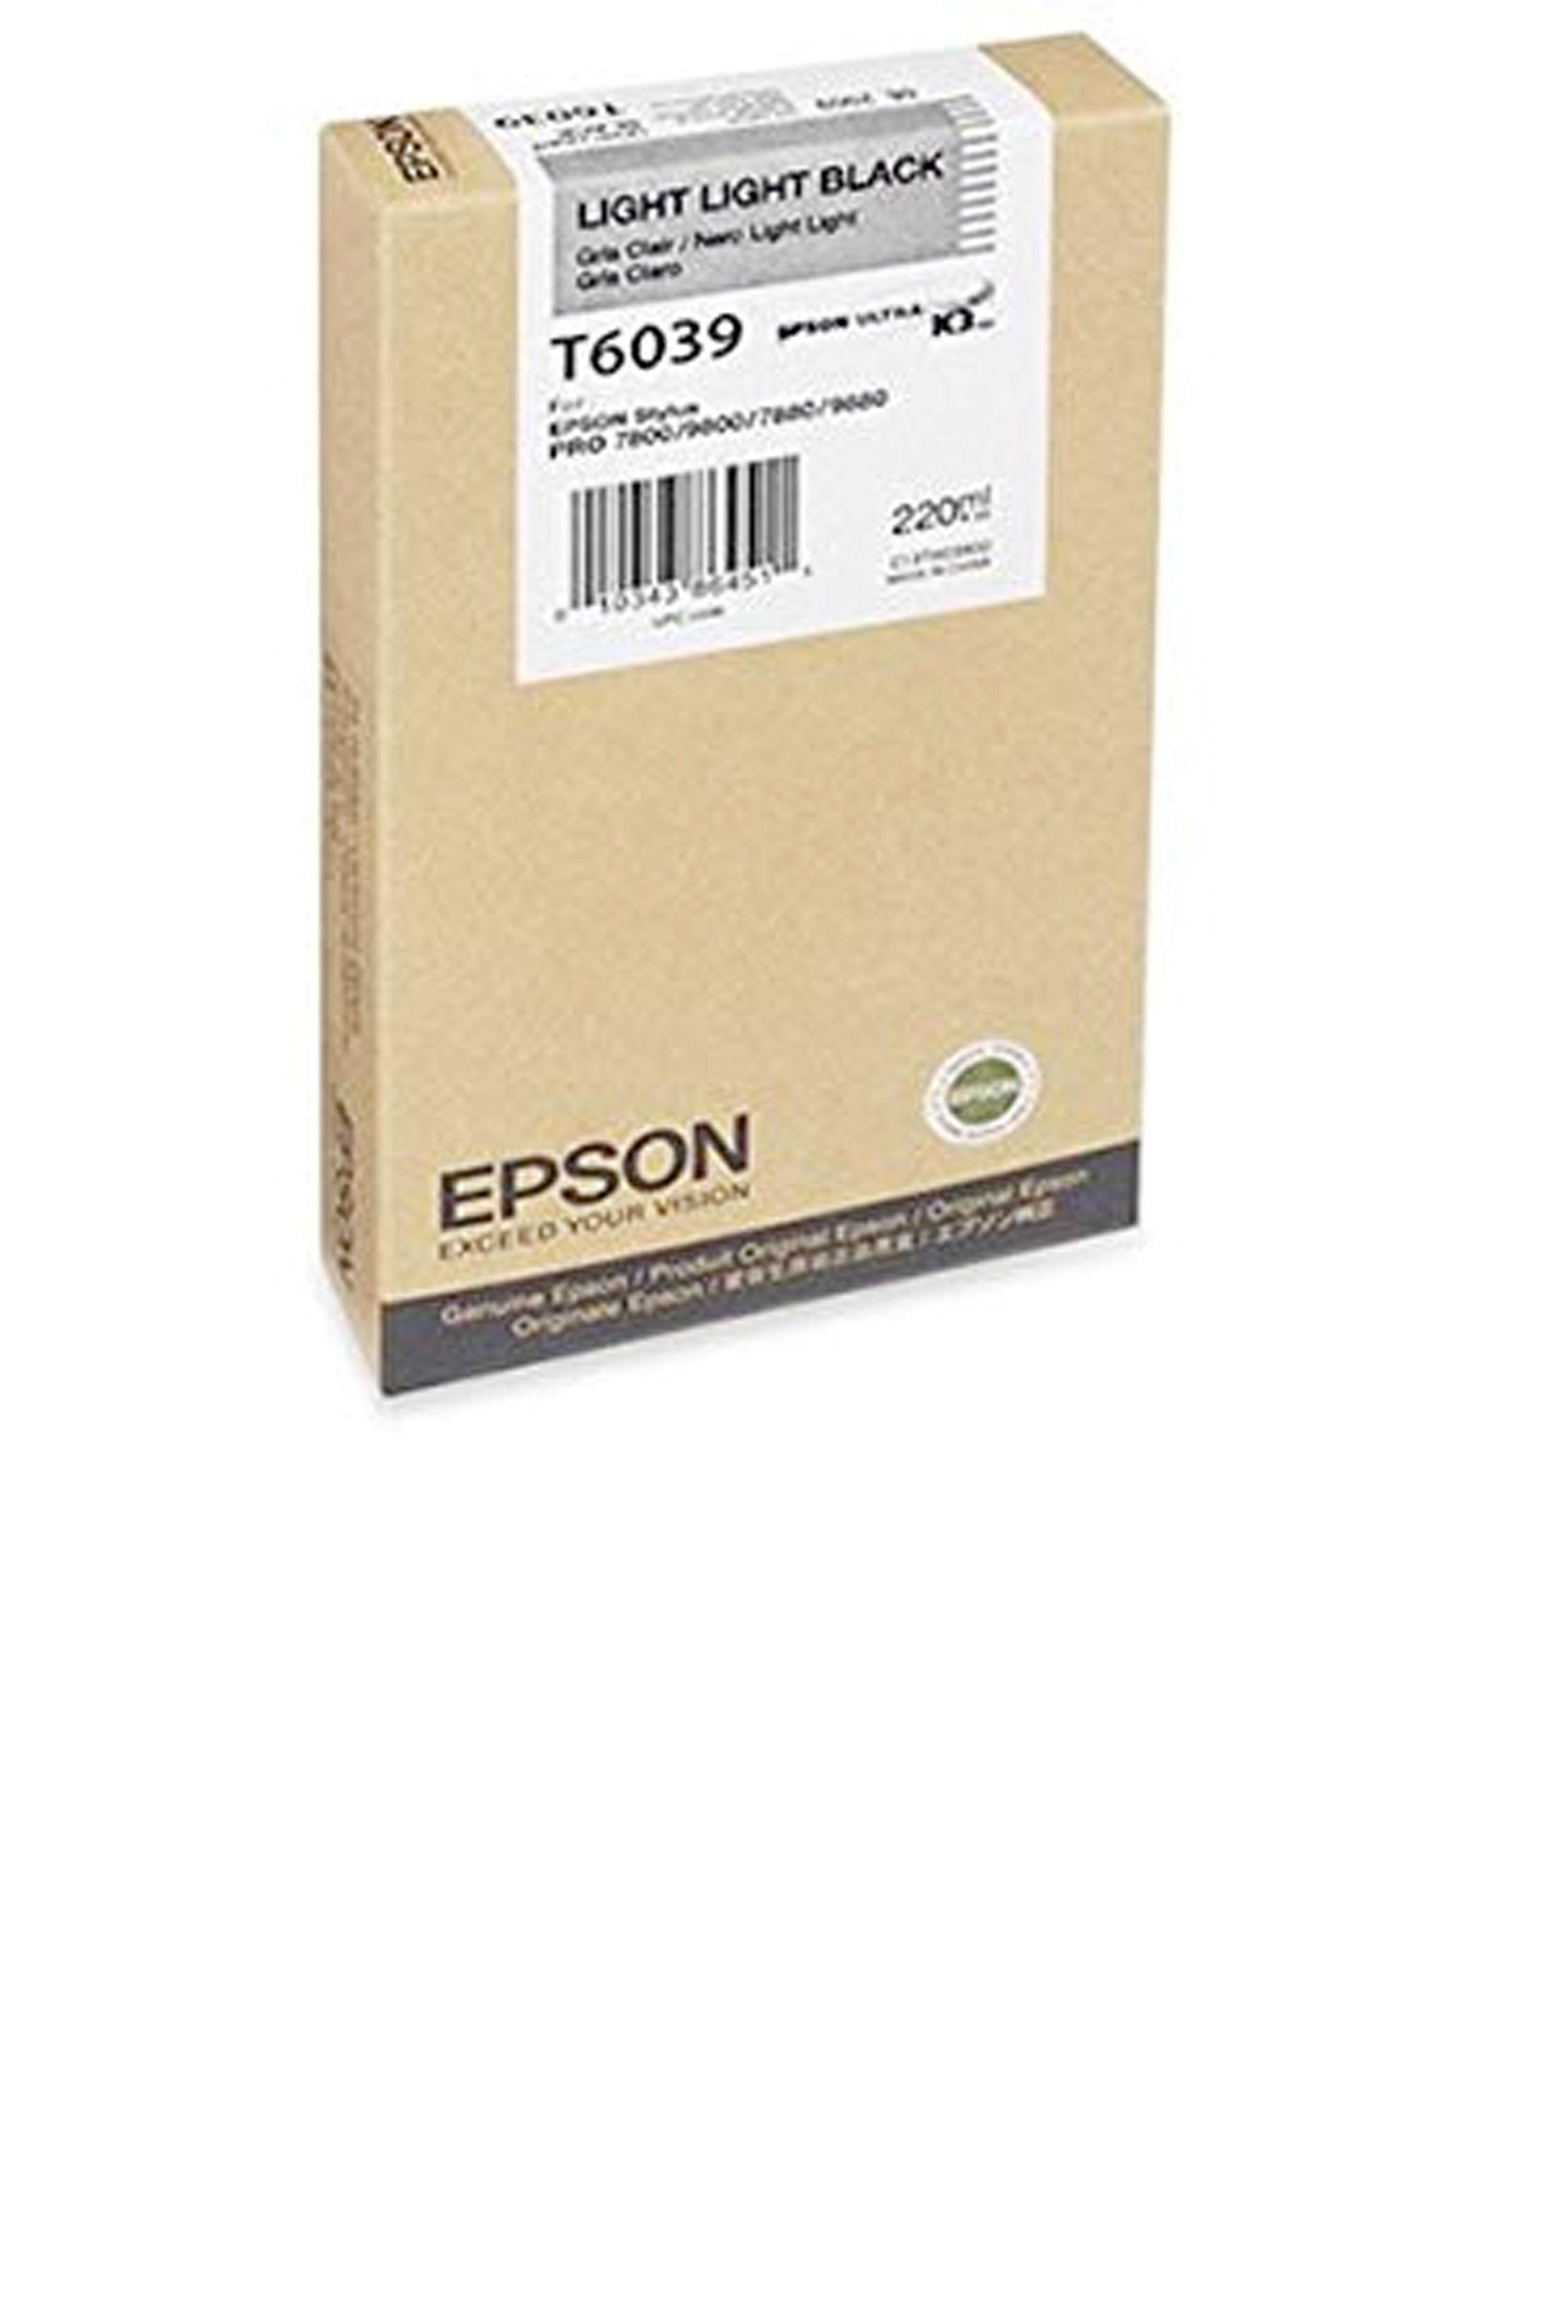 Epson EPSON SD LT LT BLACK INK (220 ML) (T603900)